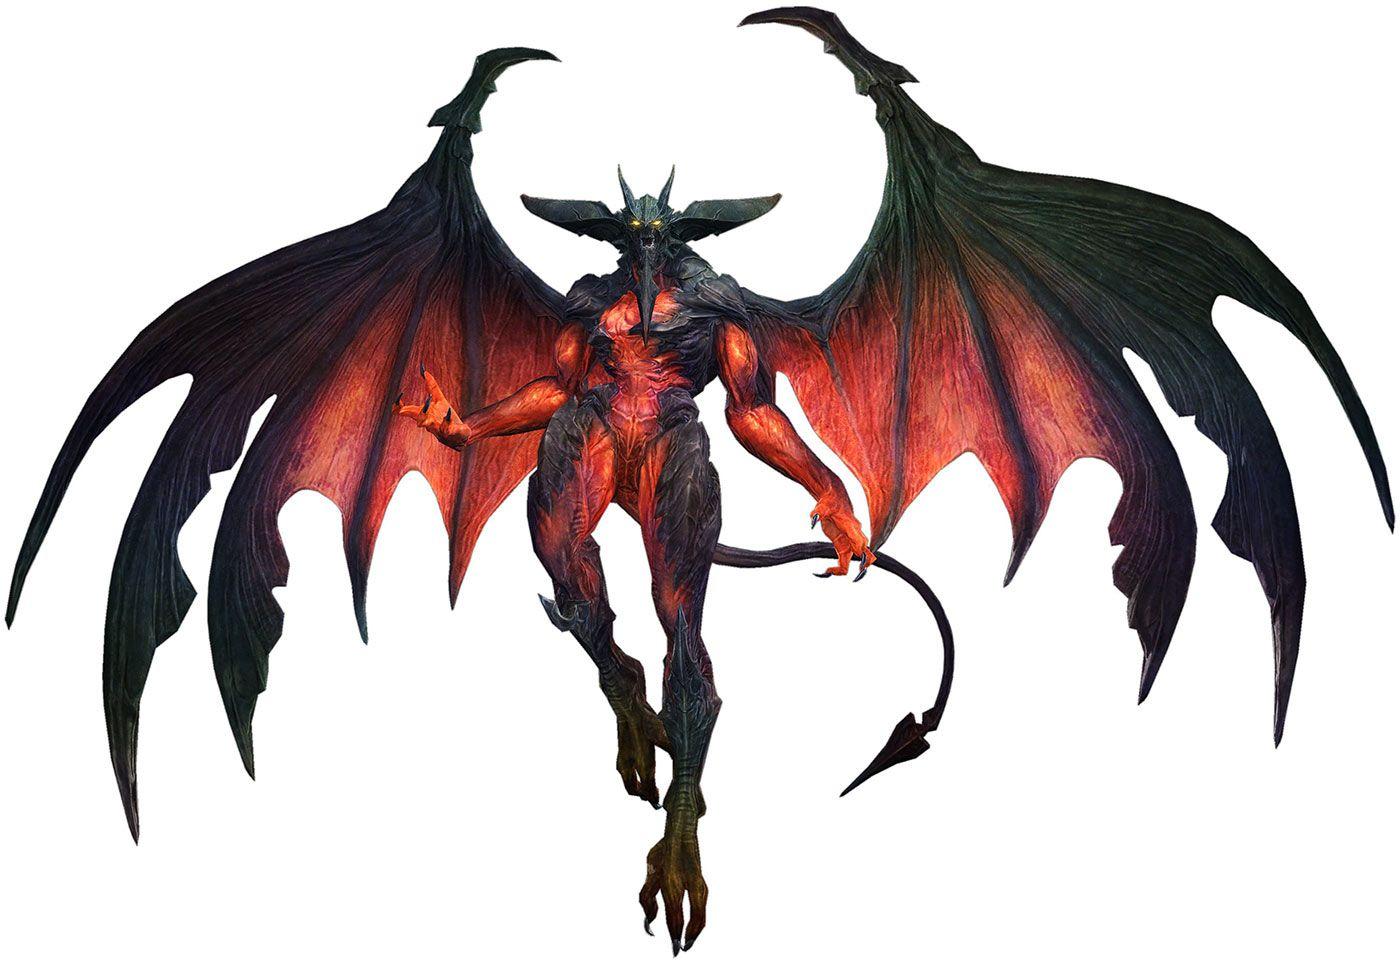 Diabolos from Final Fantasy XIV: A Realm Reborn   Creature